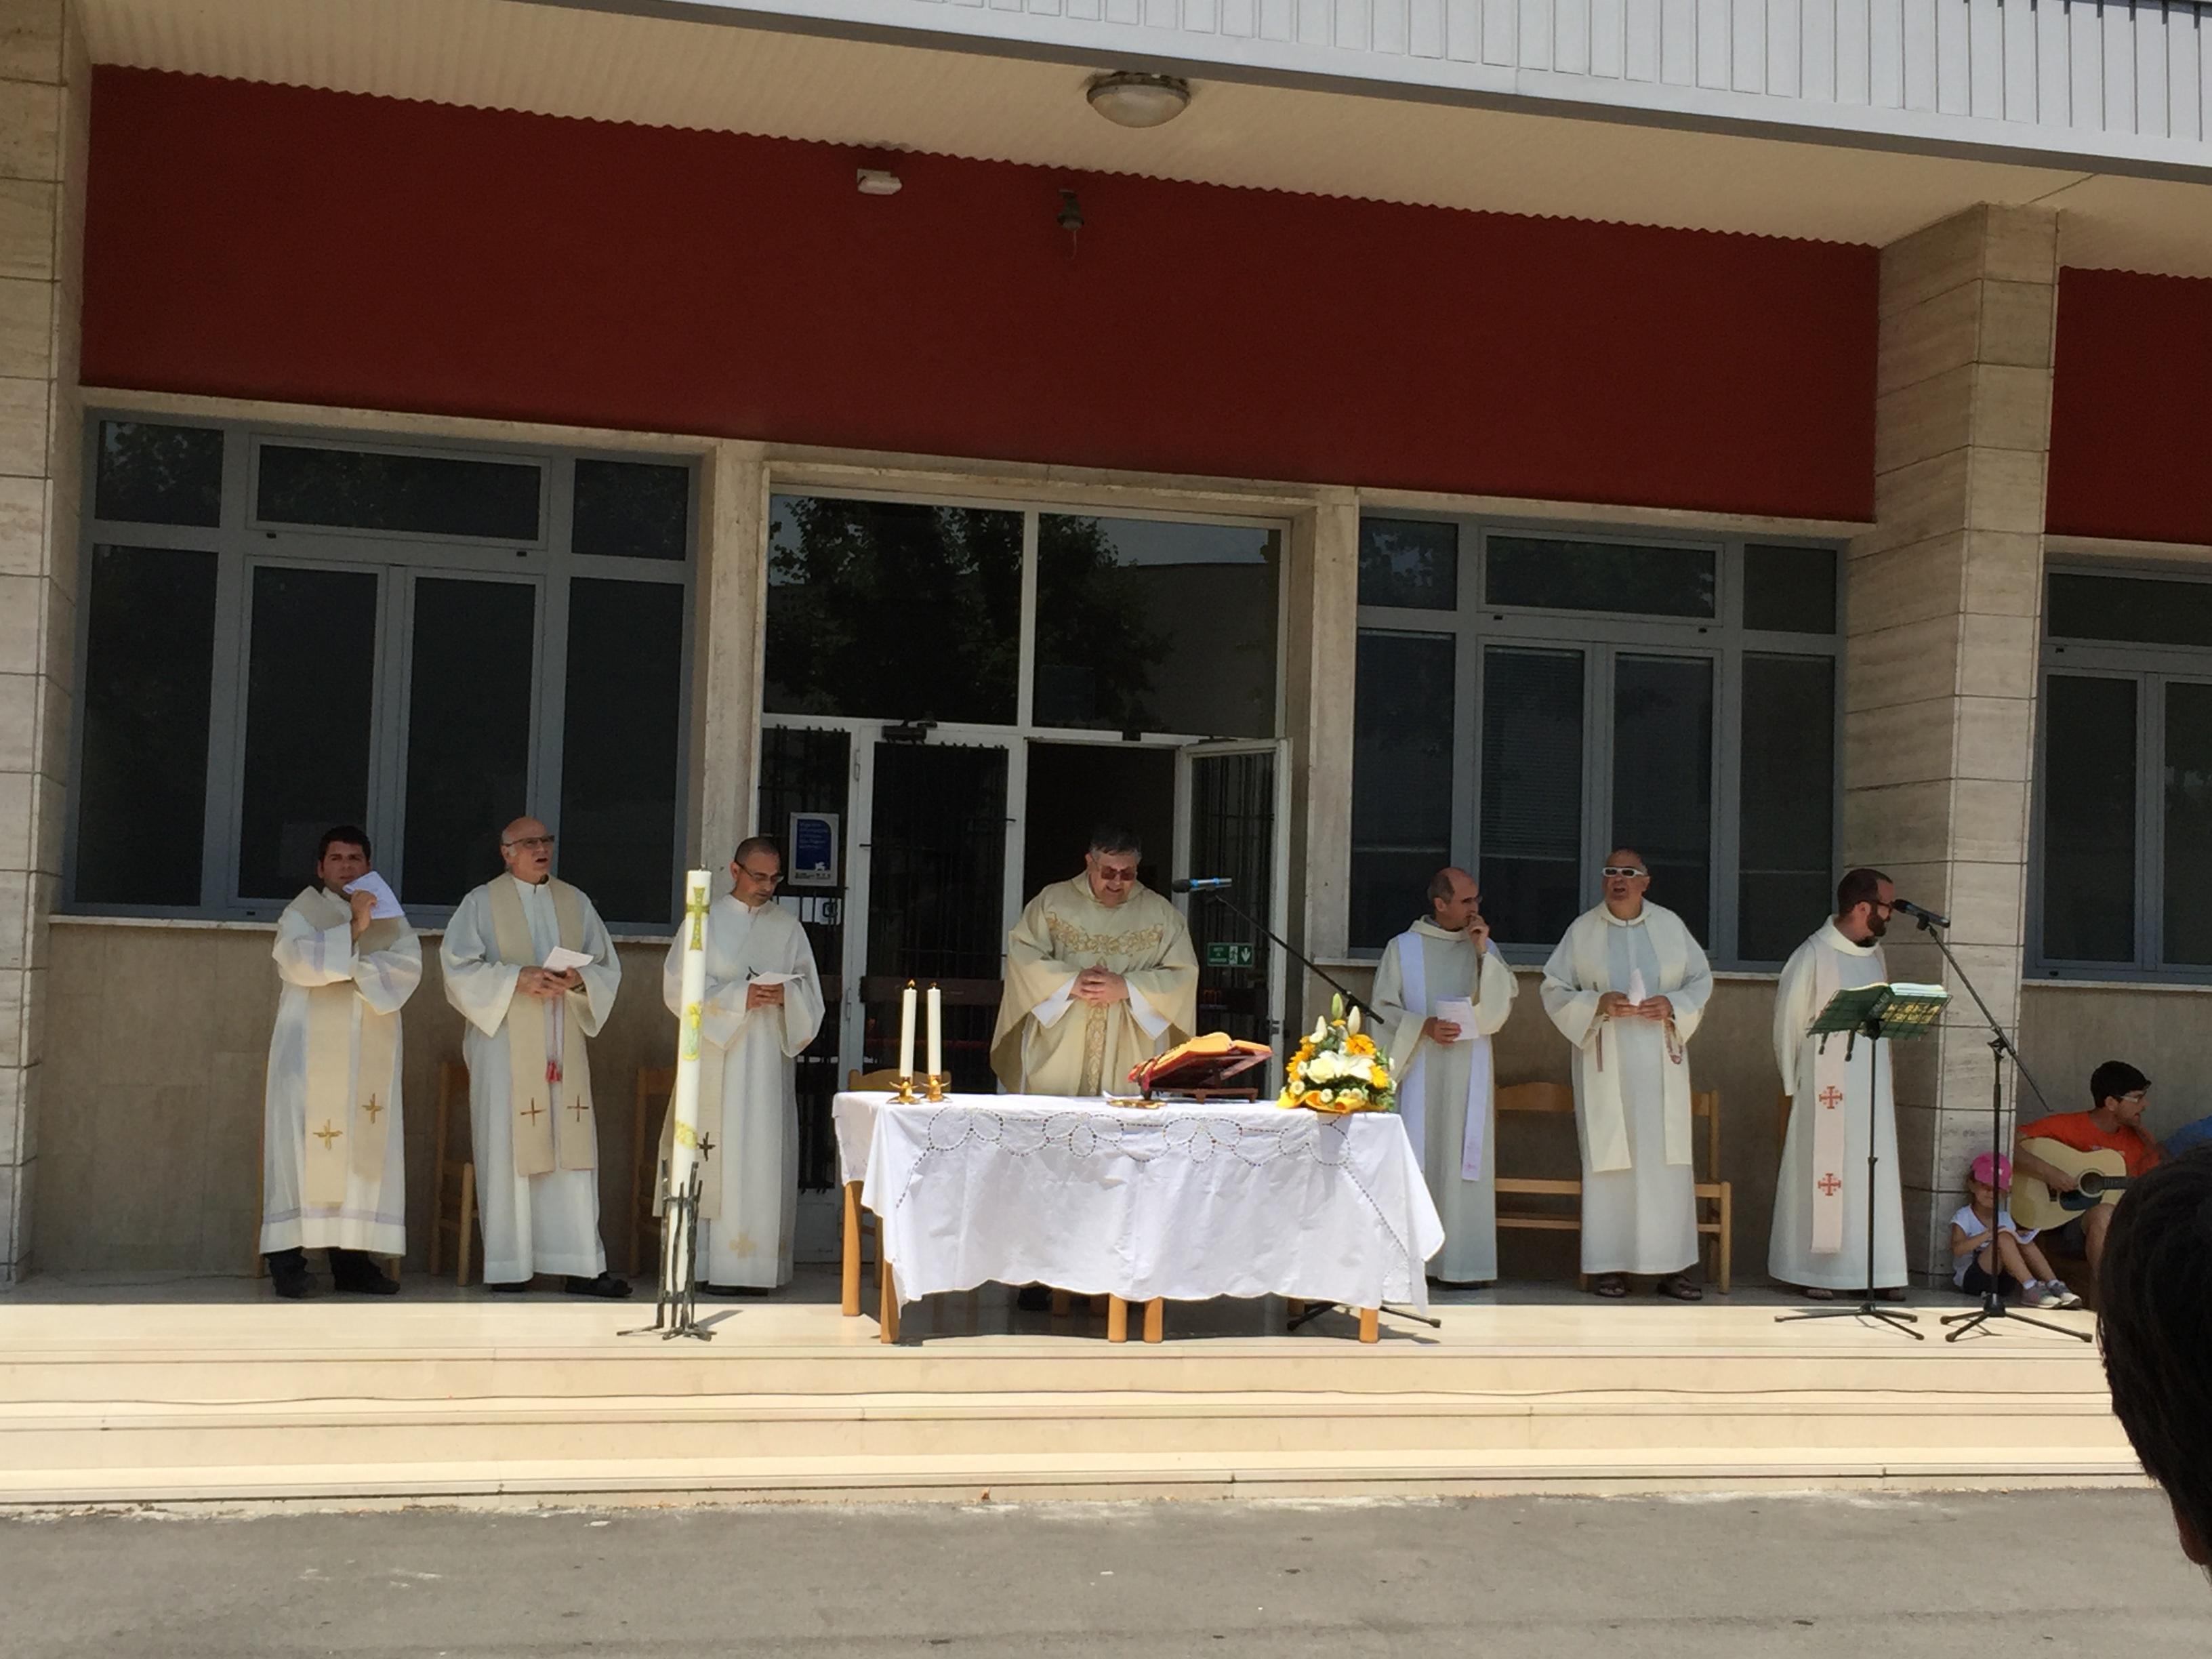 http://www.acvenezia.net/wp-content/uploads/2017/06/ACD-Celebrazione-Eucaristica.jpg